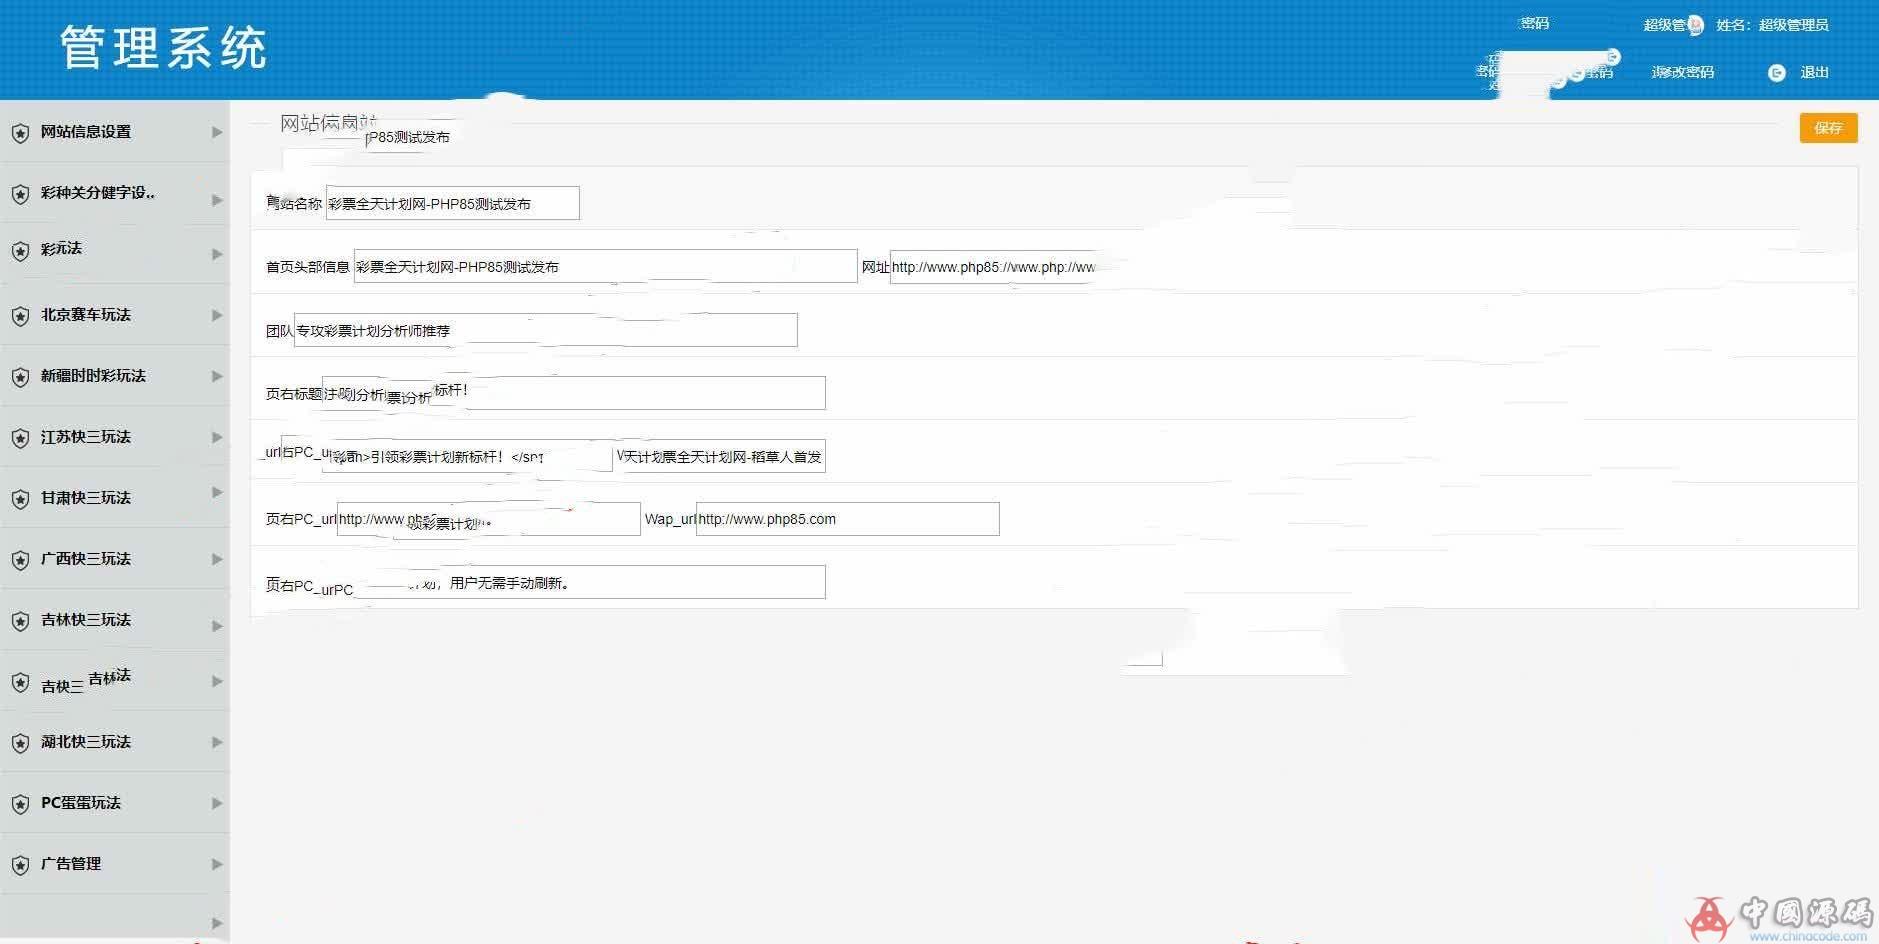 十合一自动CP计划自动开奖源码+完整后台功能+安装教程 网站-第4张